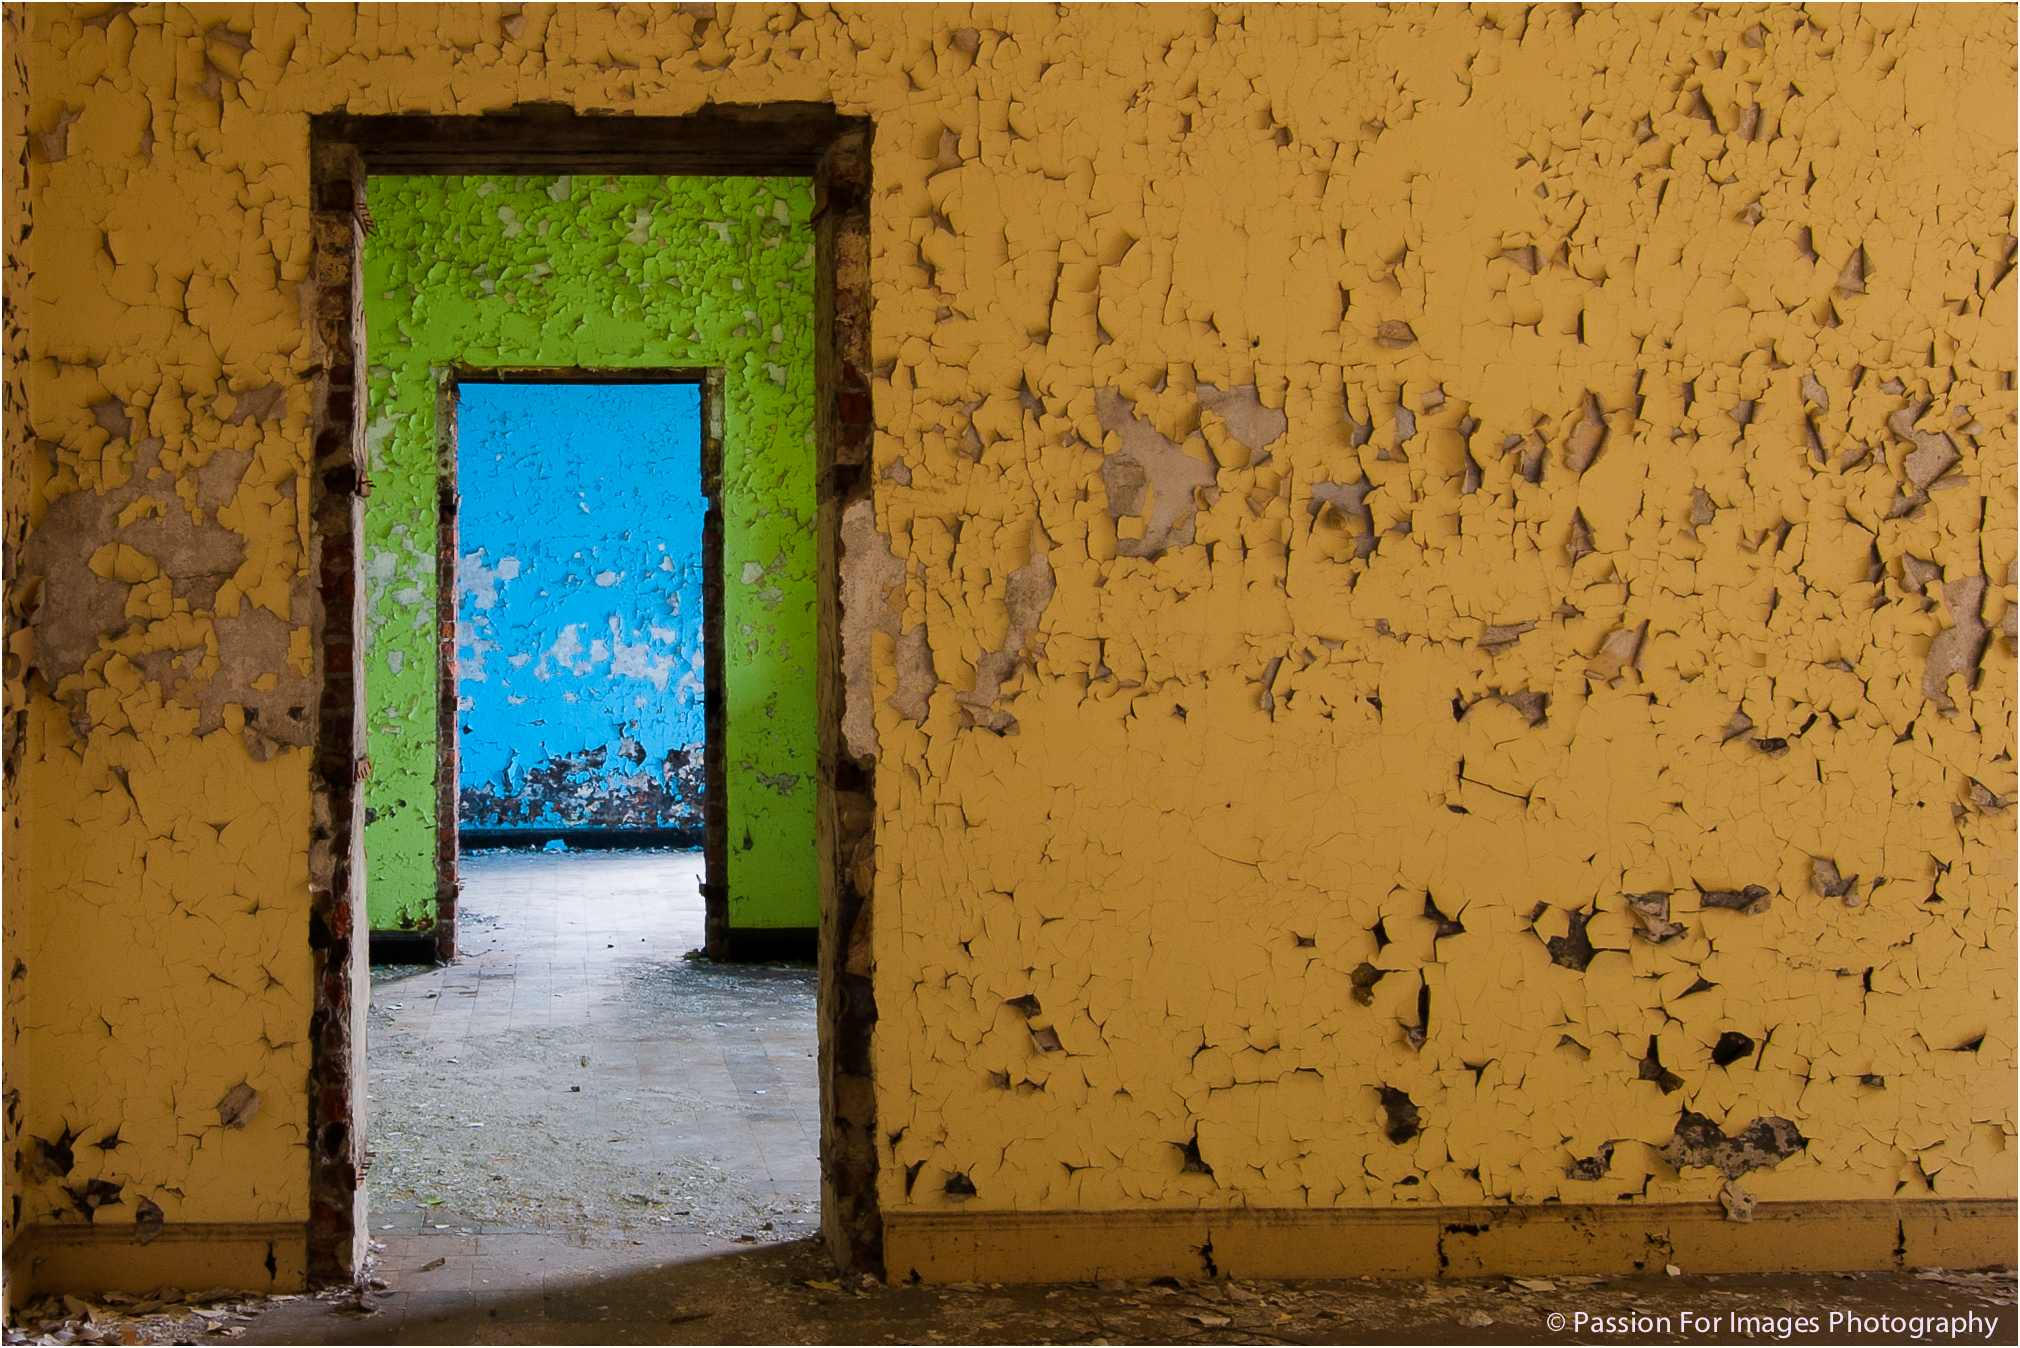 Lichtwert-BestOf_Eichelmann_D7C2968_2015_07_Belgien-Edit.jpg